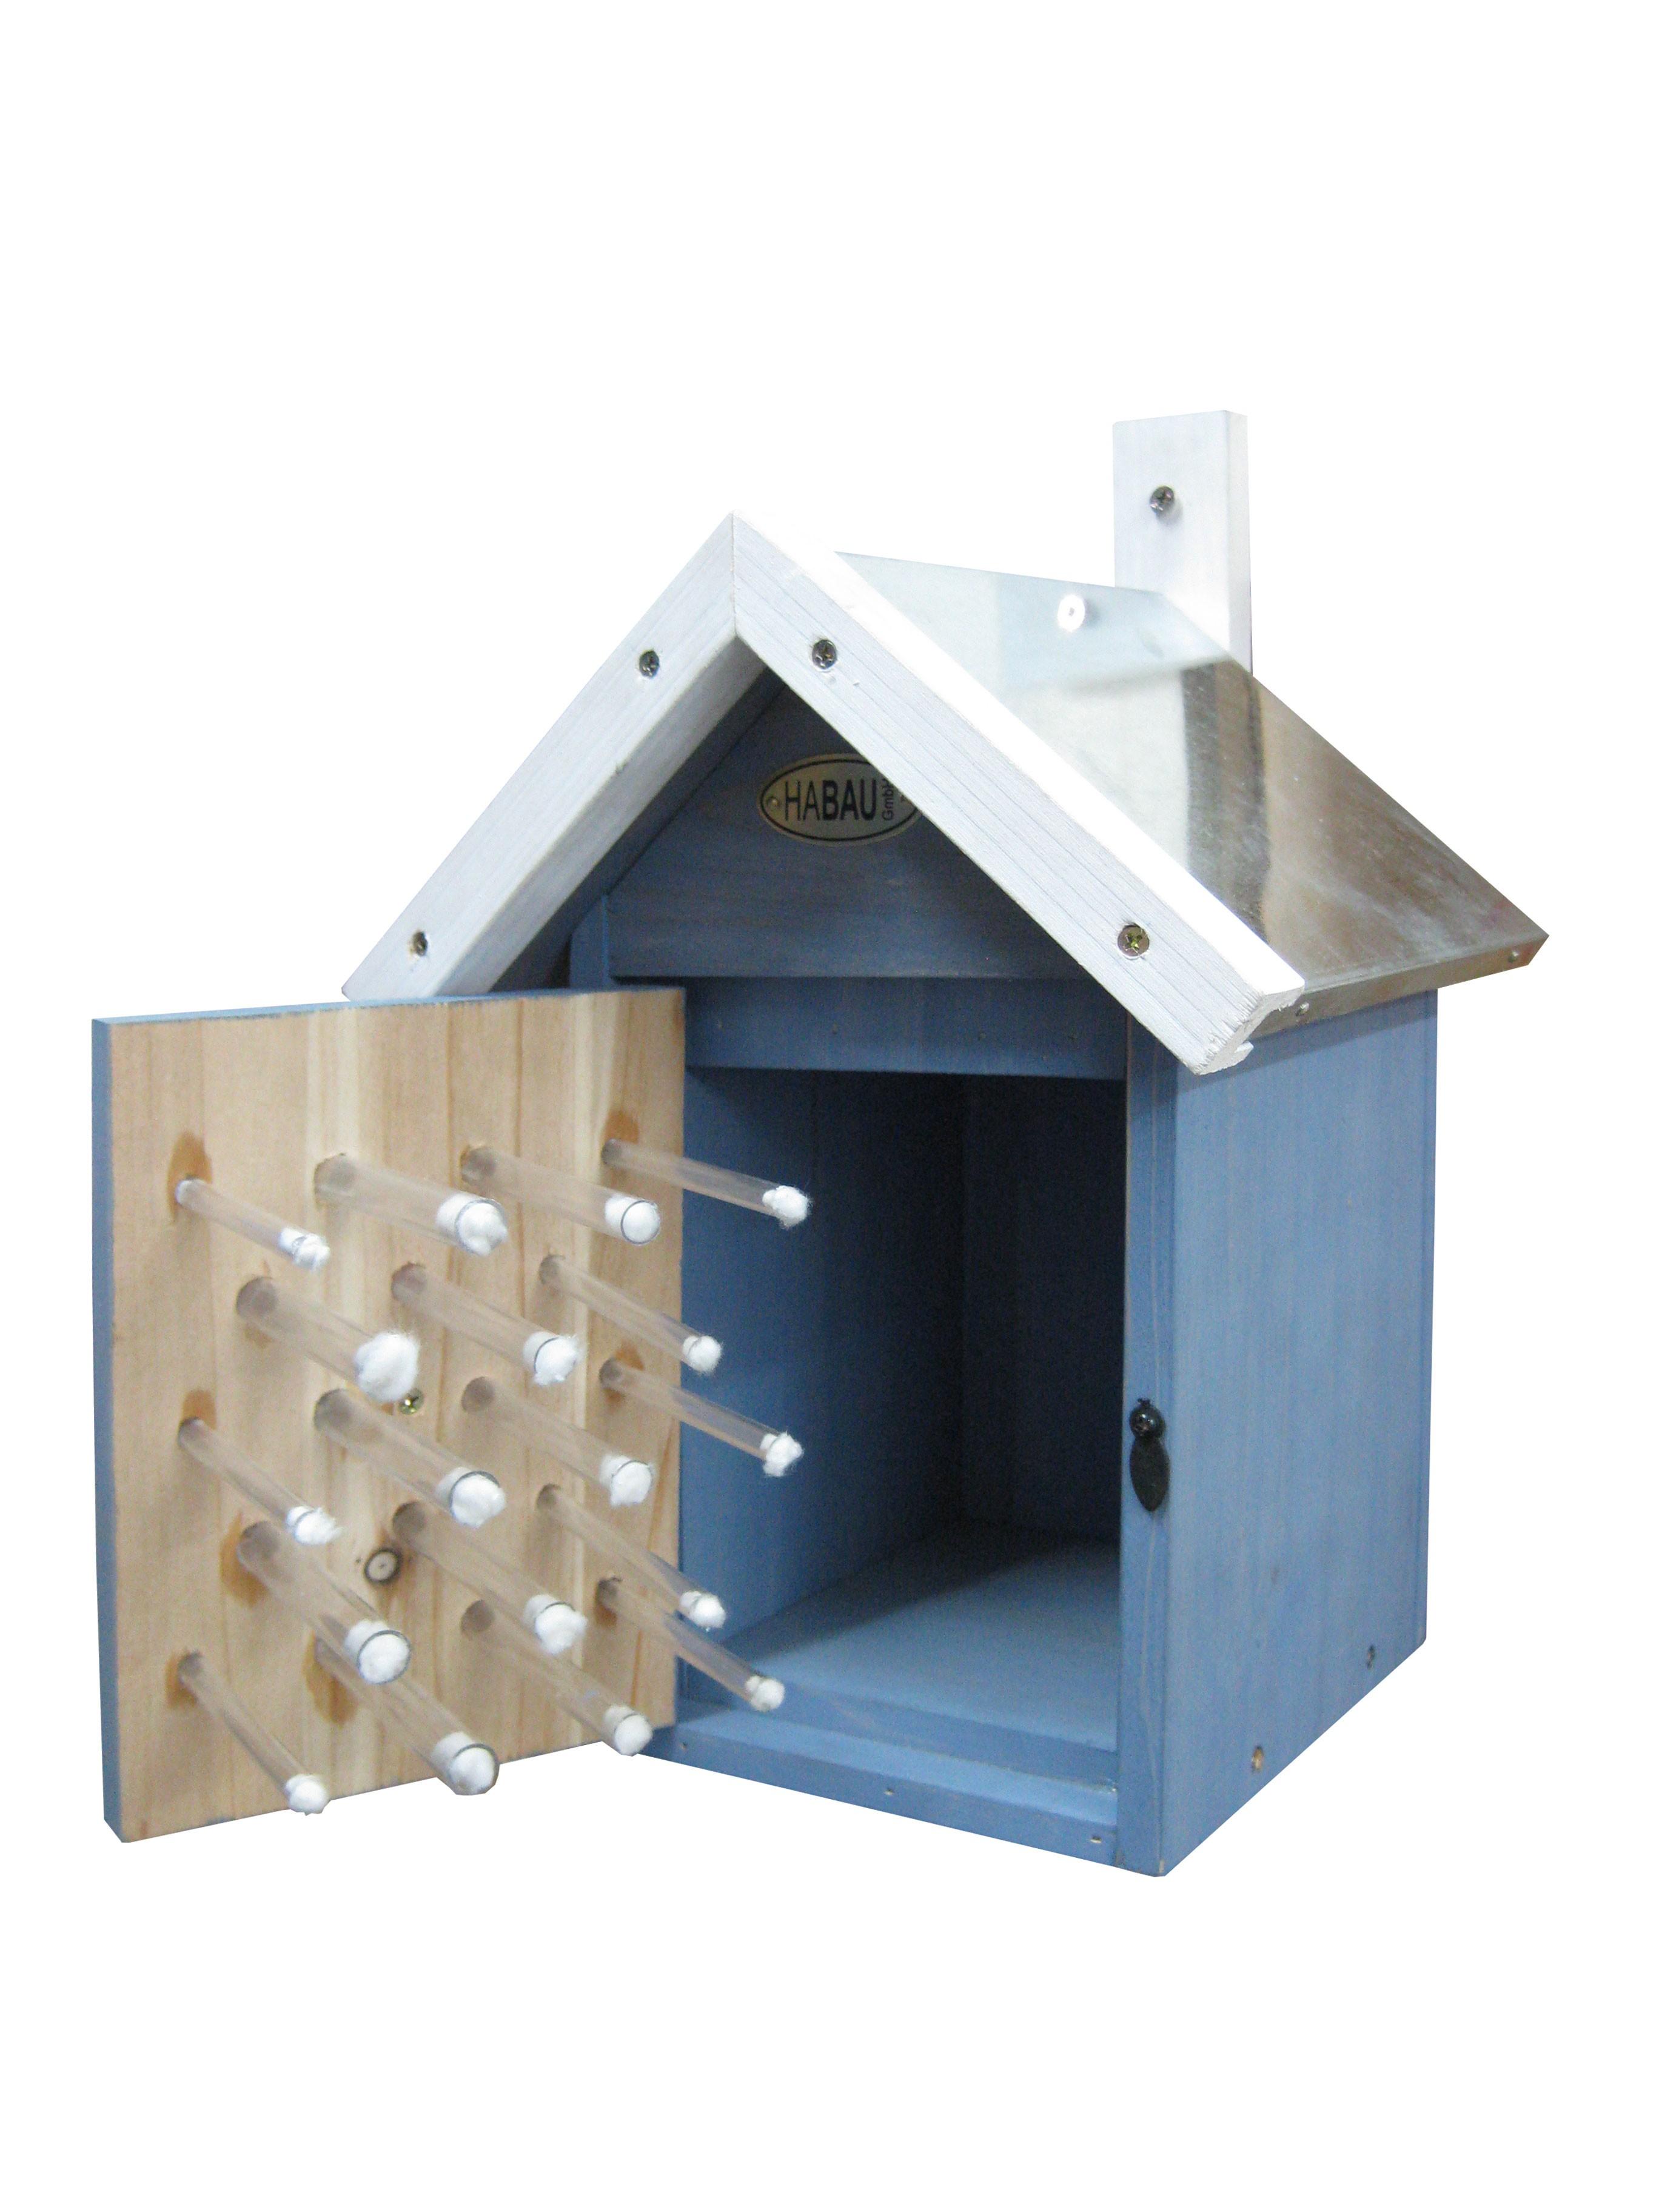 Bienen Beobachtungskasten Habau 21,5x20,5x37,5cm Bild 2